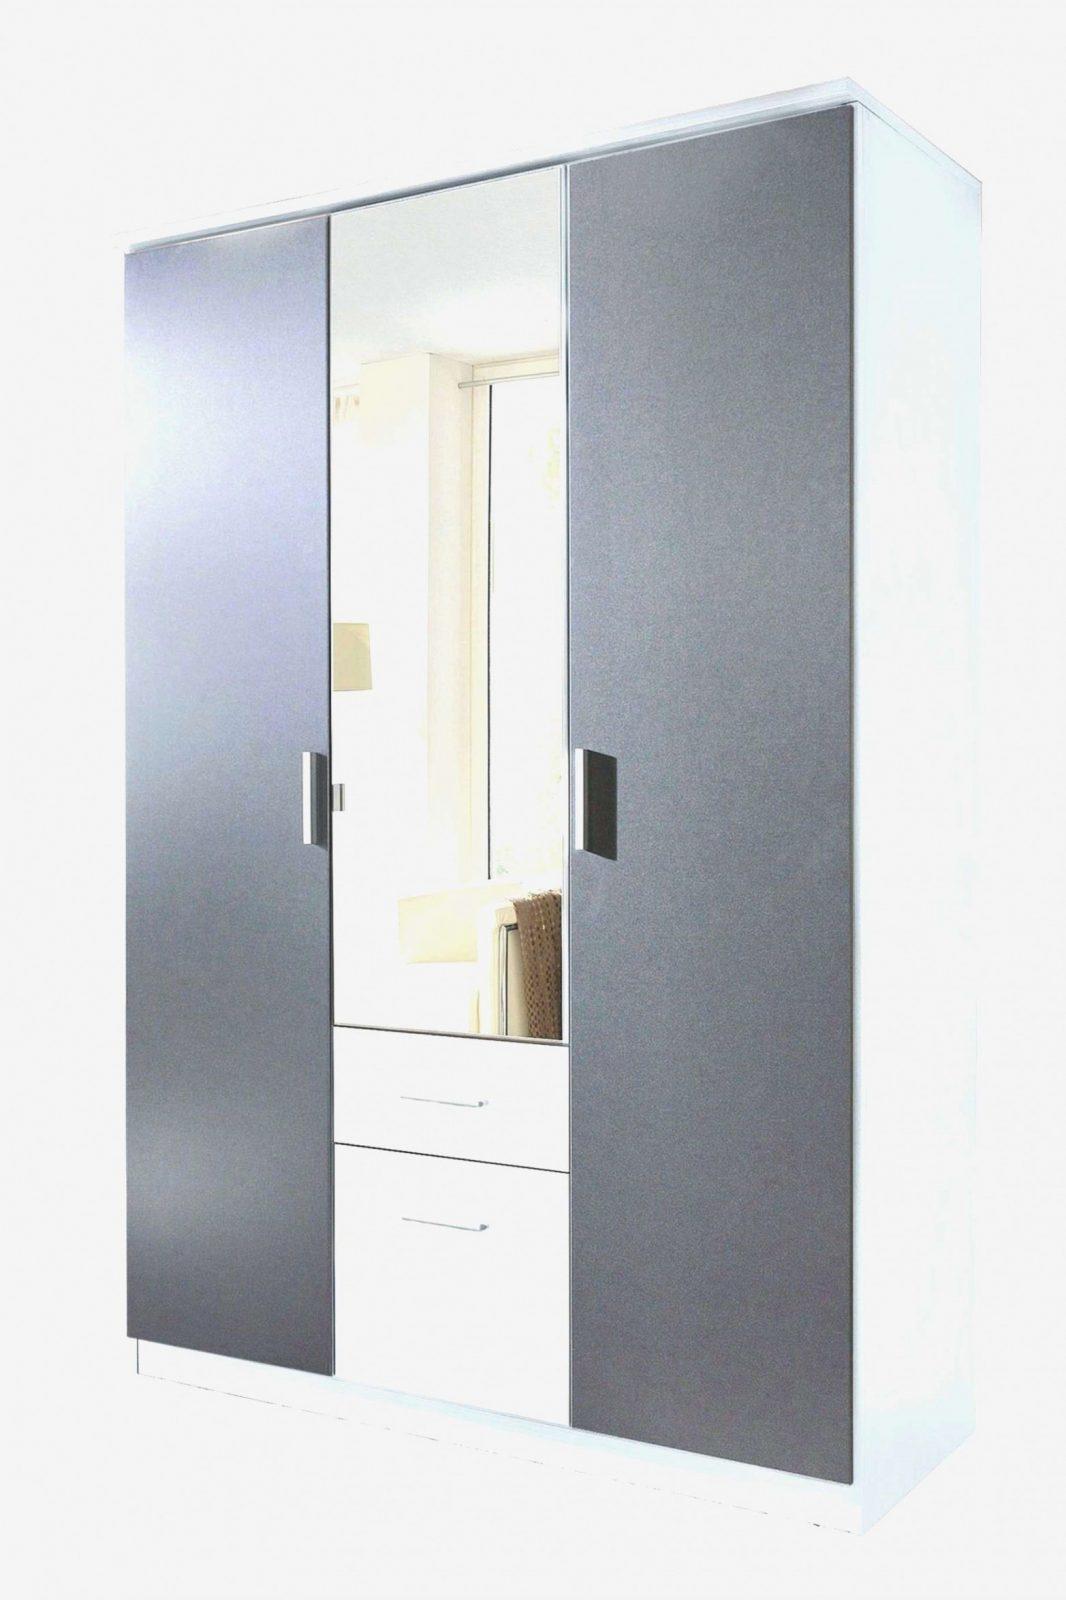 Schlafzimmer Schrecklich Ikea Schlafzimmer Ideen Spannend von Schlafzimmer Schrank Ideen Bild